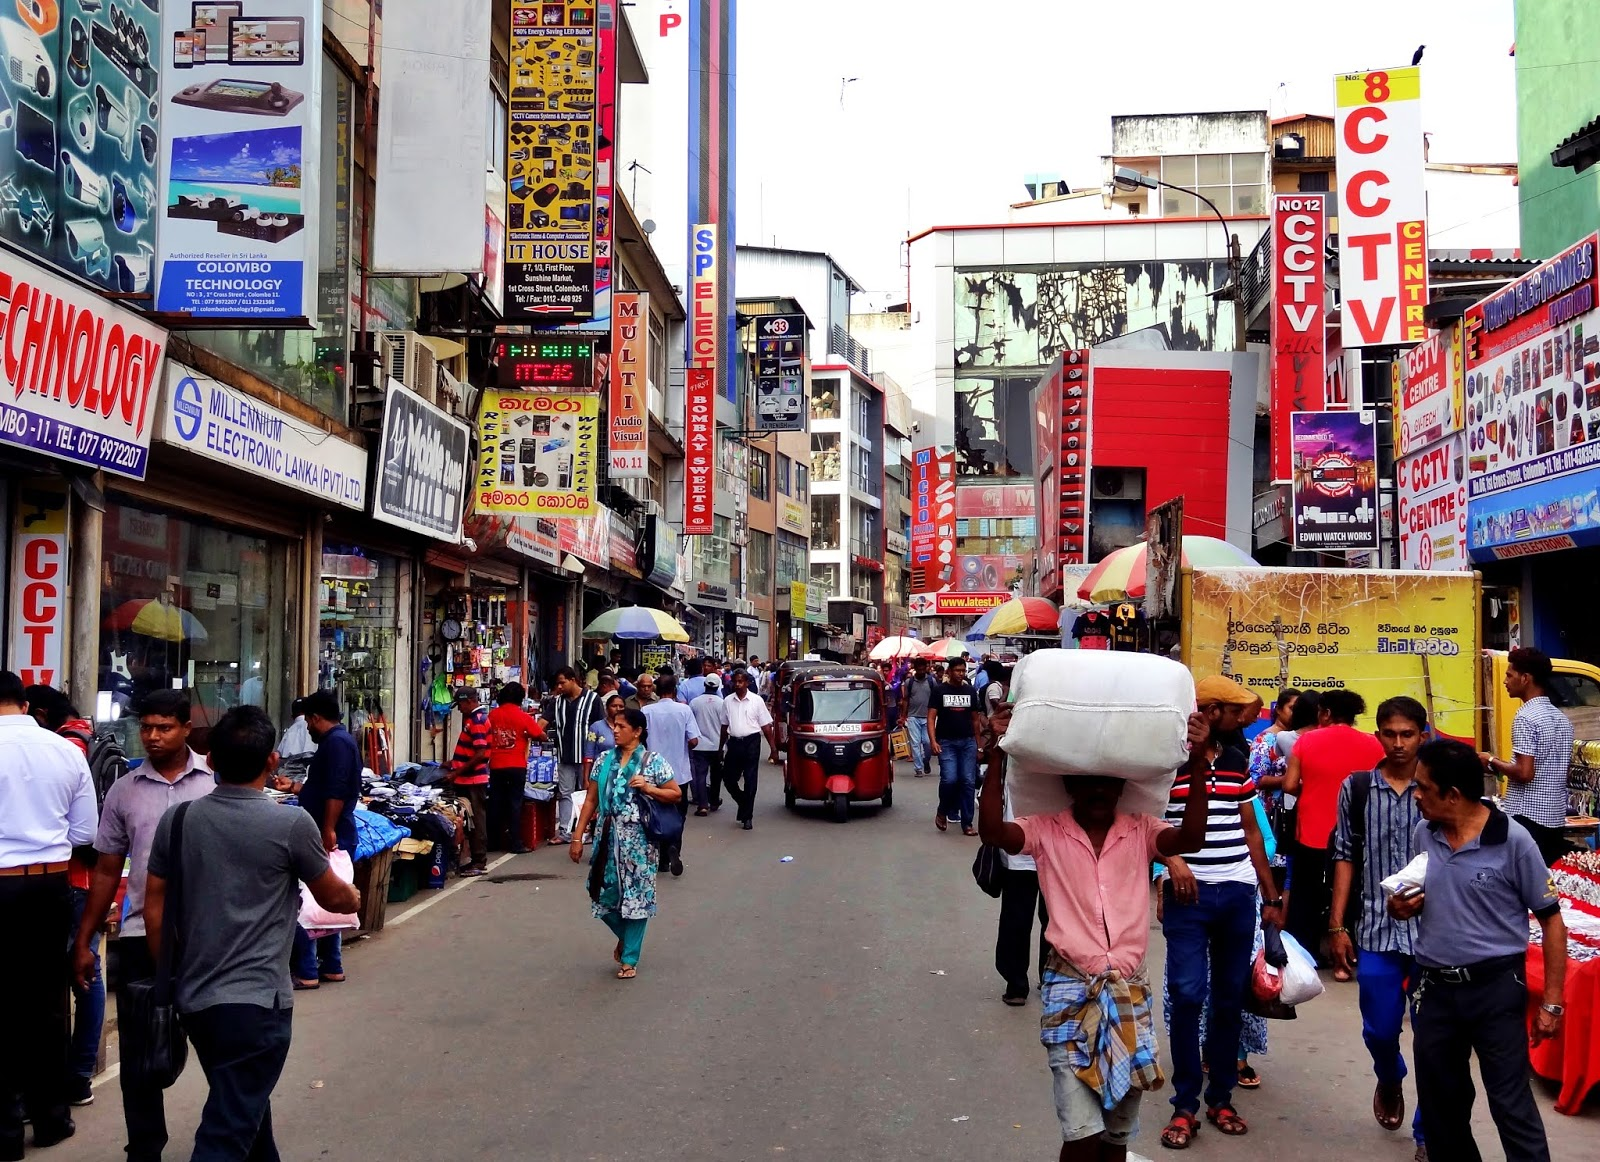 randki online Sri Lanka Colombo niezwykła historia metrologiczna datowania radiowęglowego ii